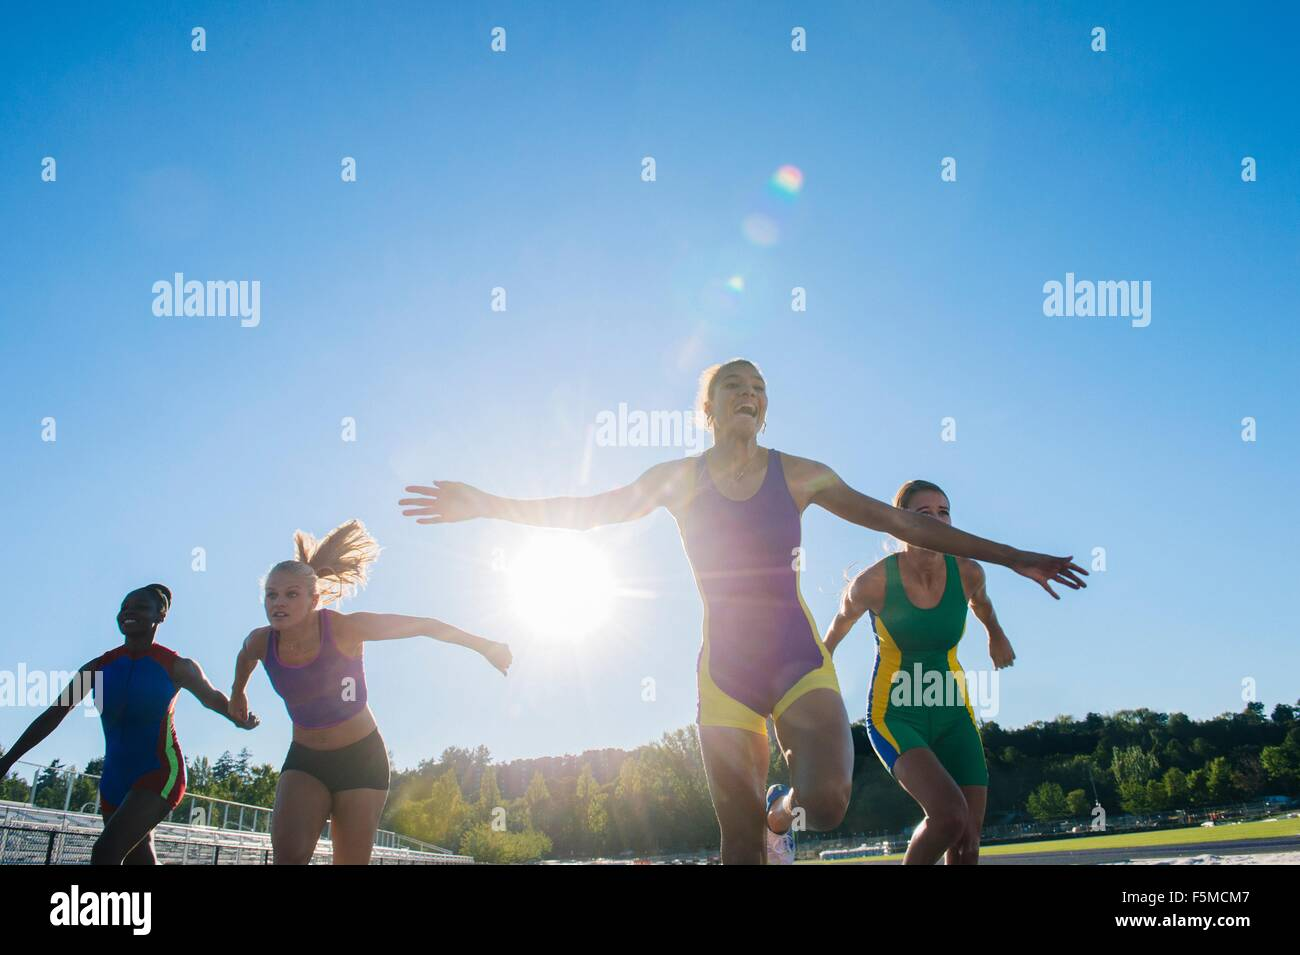 Quattro atlete sulla pista di atletica, arrivando alla fine della gara Immagini Stock